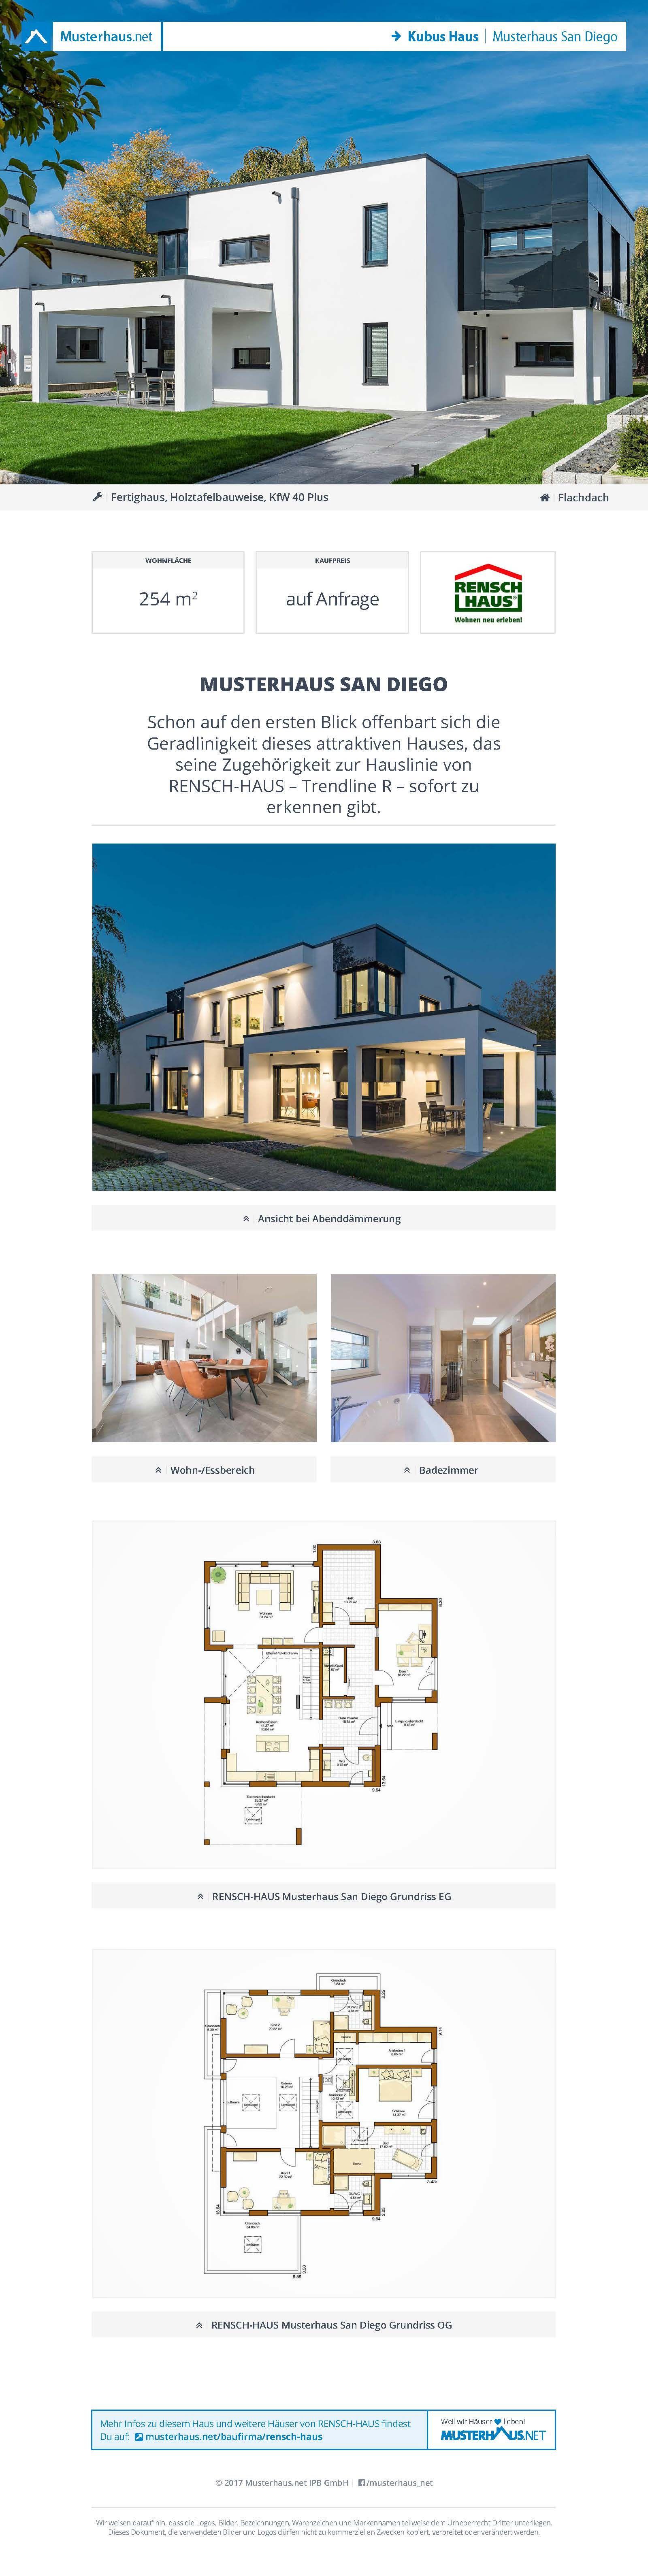 San Diego In 2018 Musterhauspreis 2018 Haus